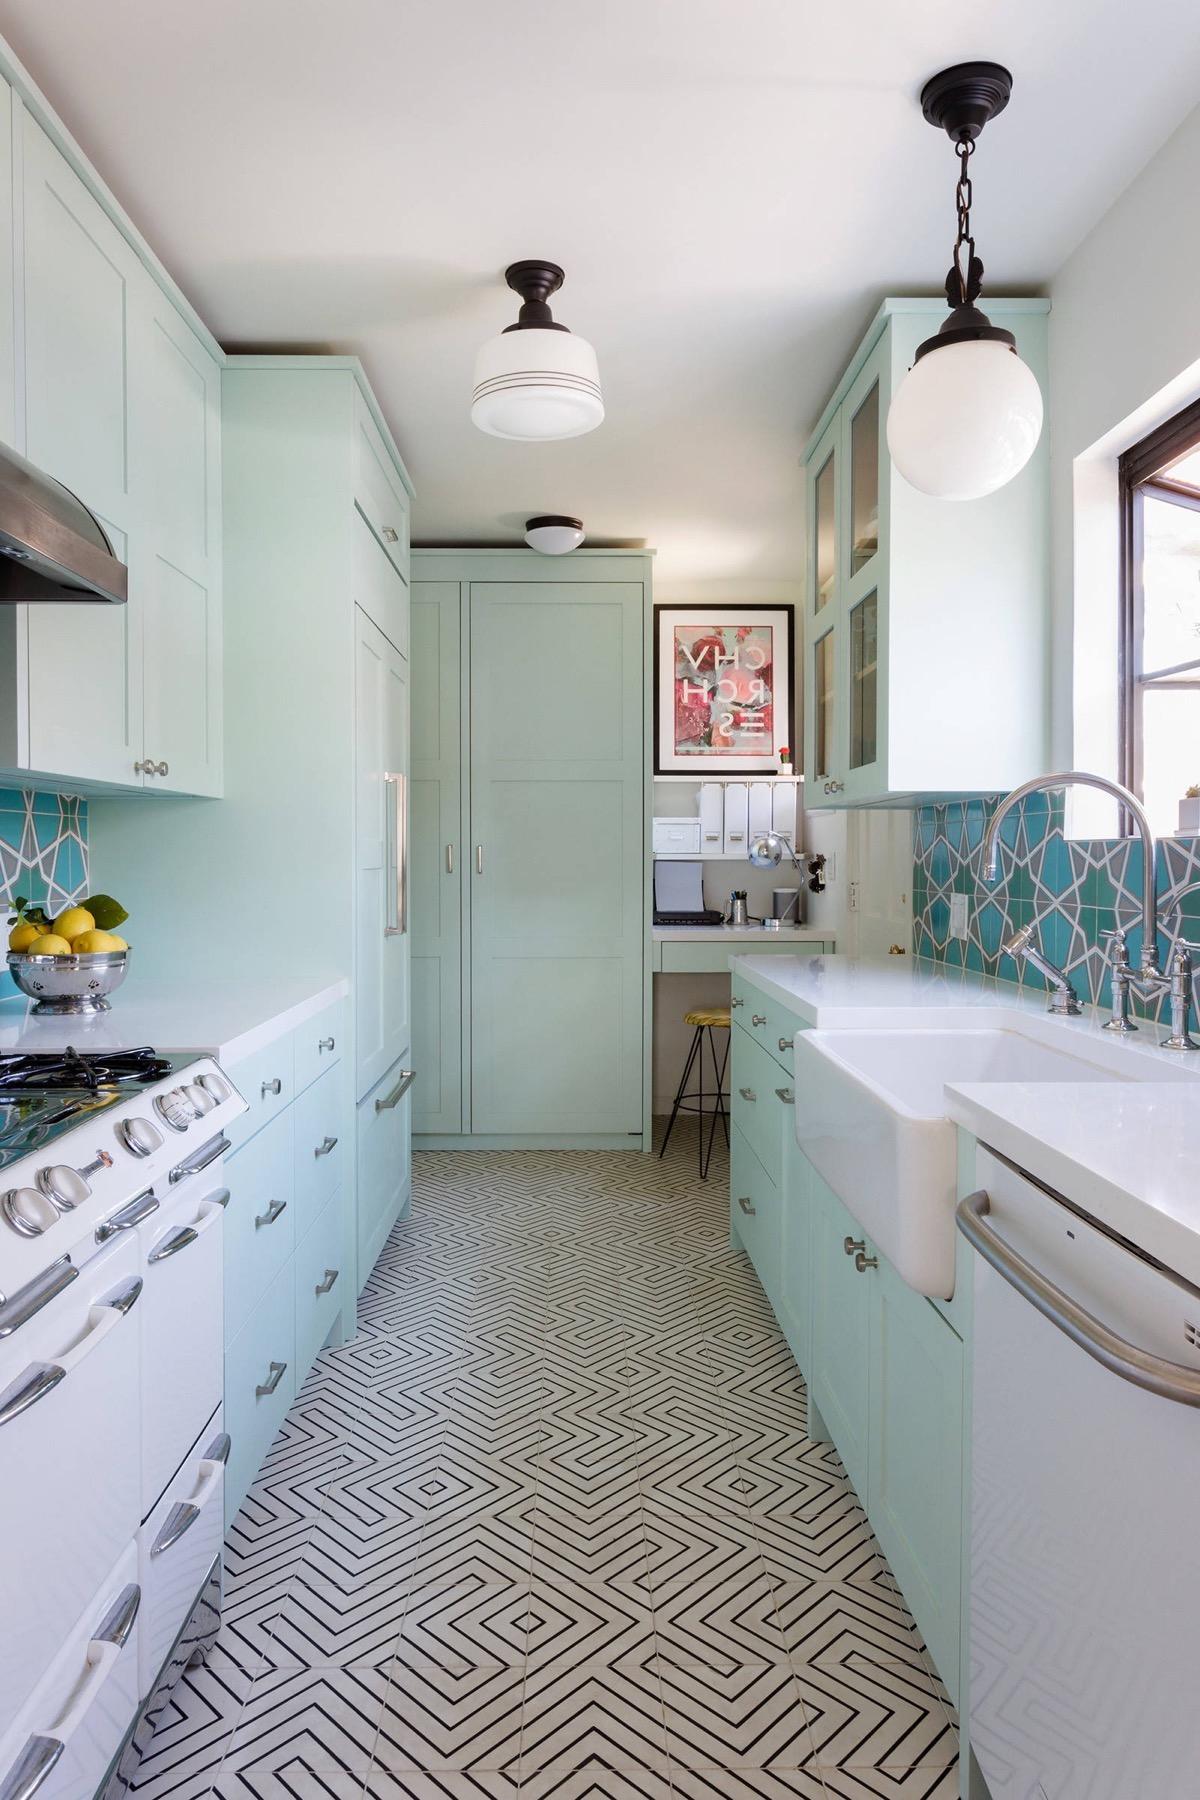 Интересный дизайн кухни с доминирующим охлаждающим нежно-мятным цветом